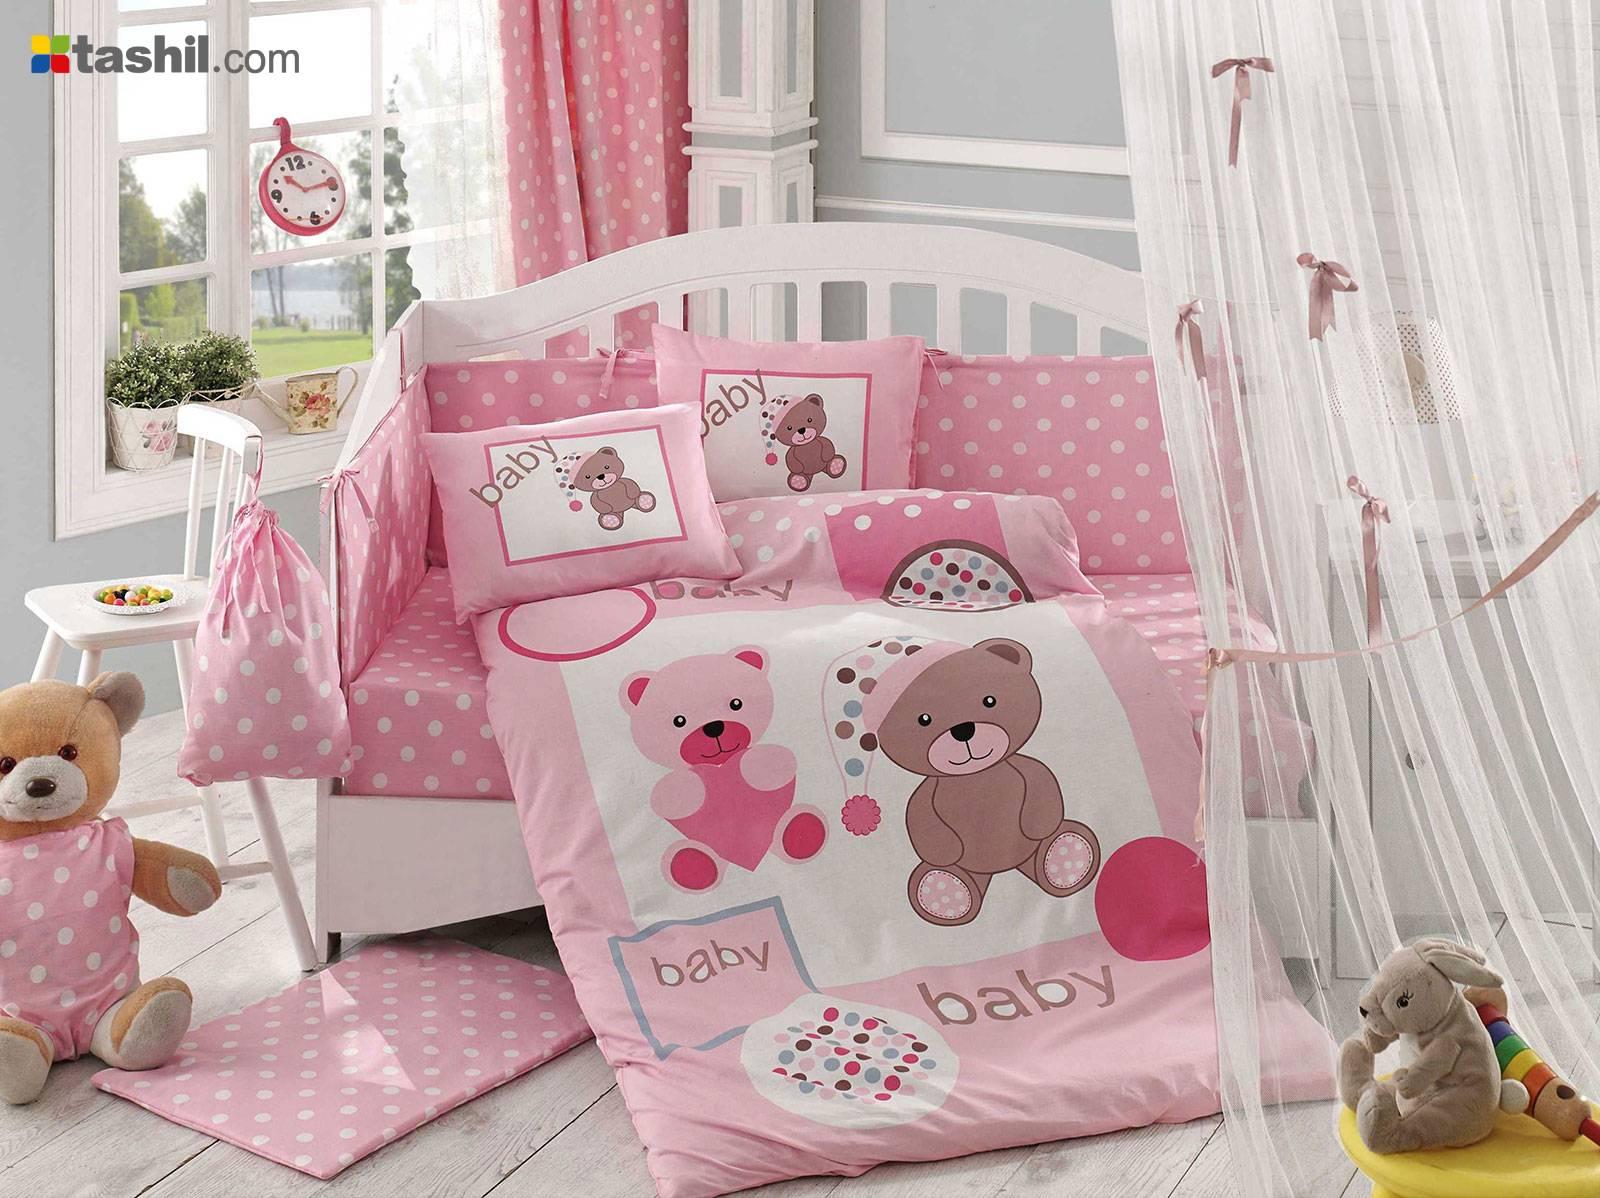 ویژگی های سرویس خواب کودک